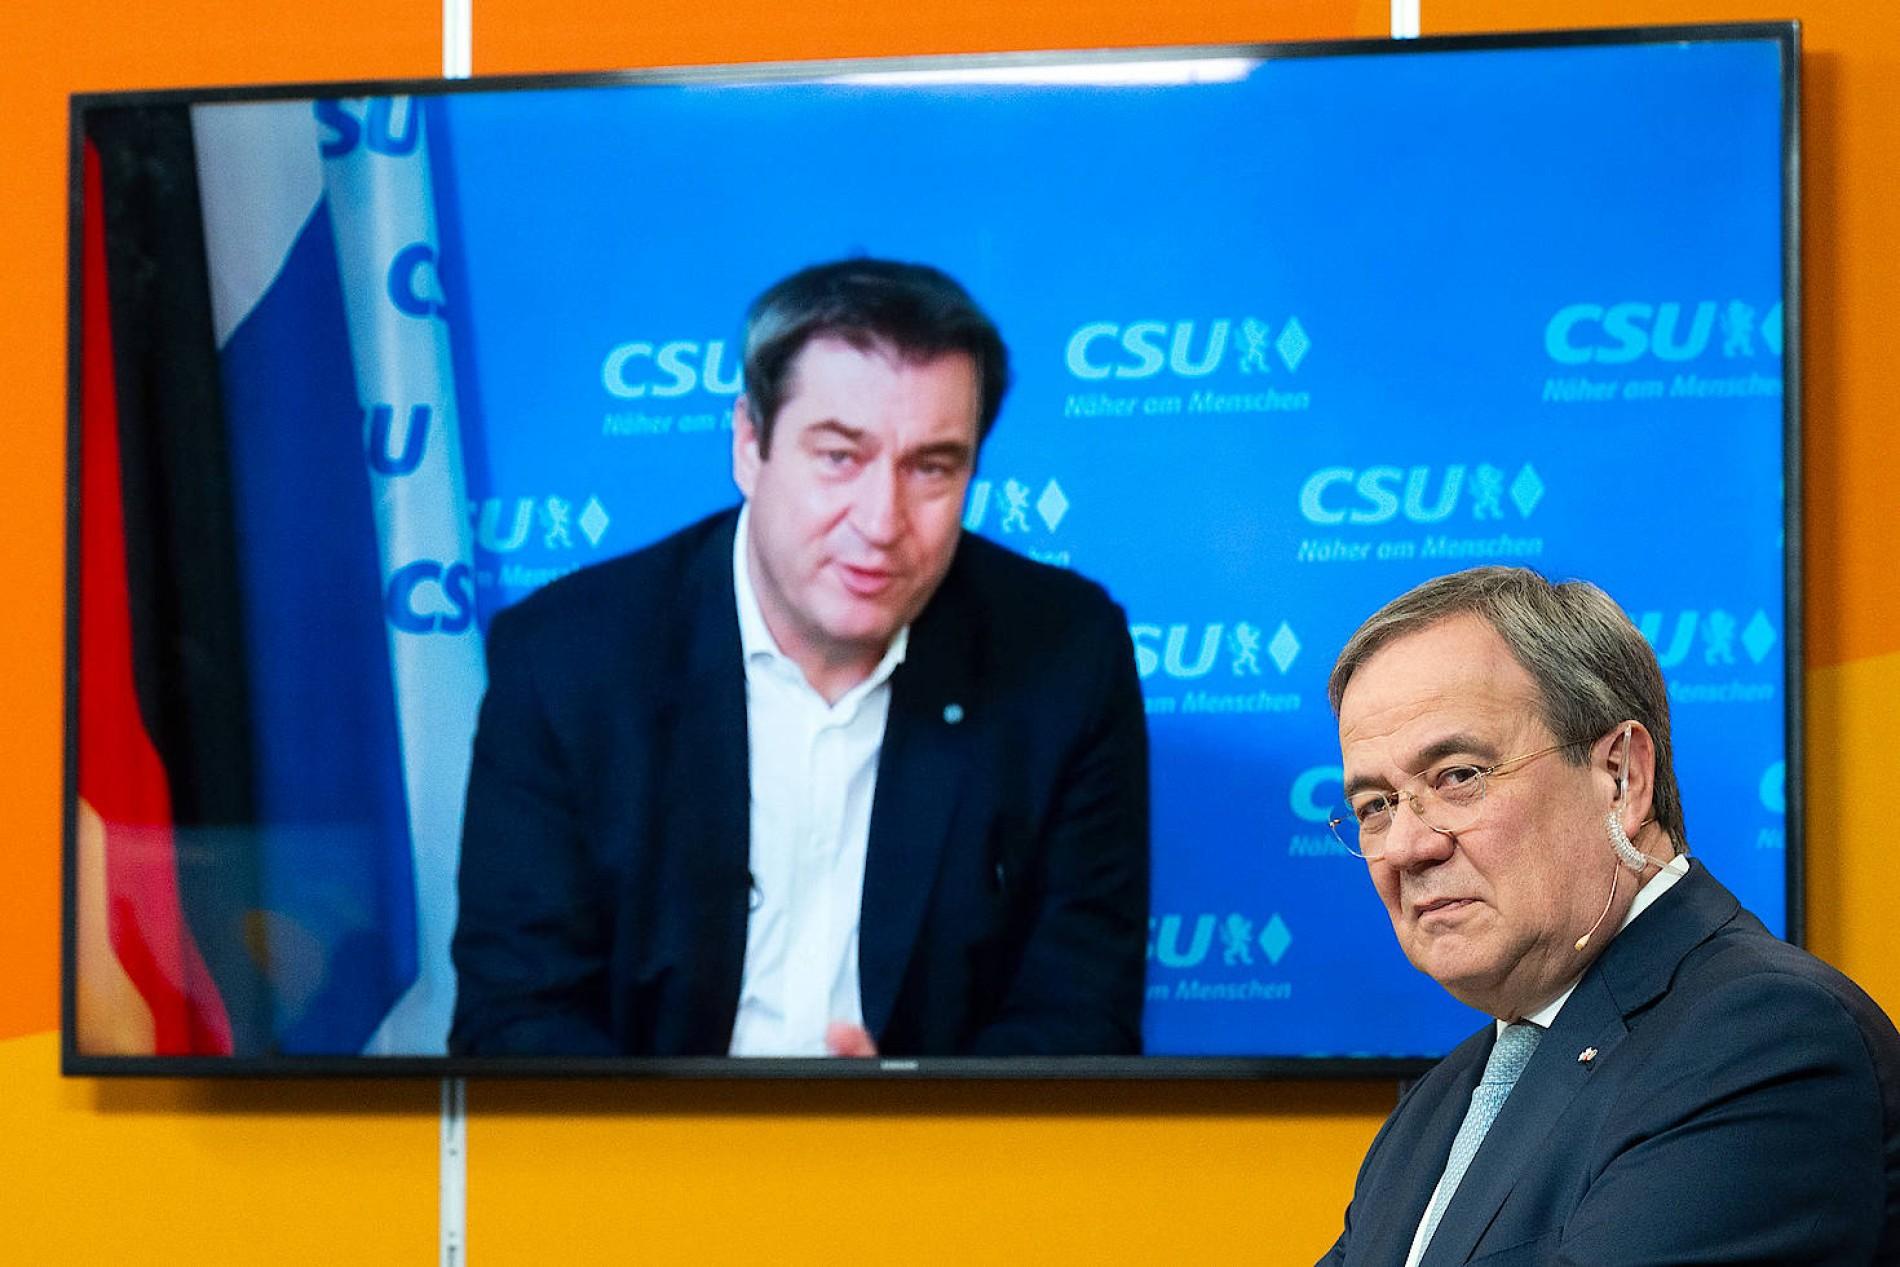 rennen um cdu-vorsitz: söder lobt laschet